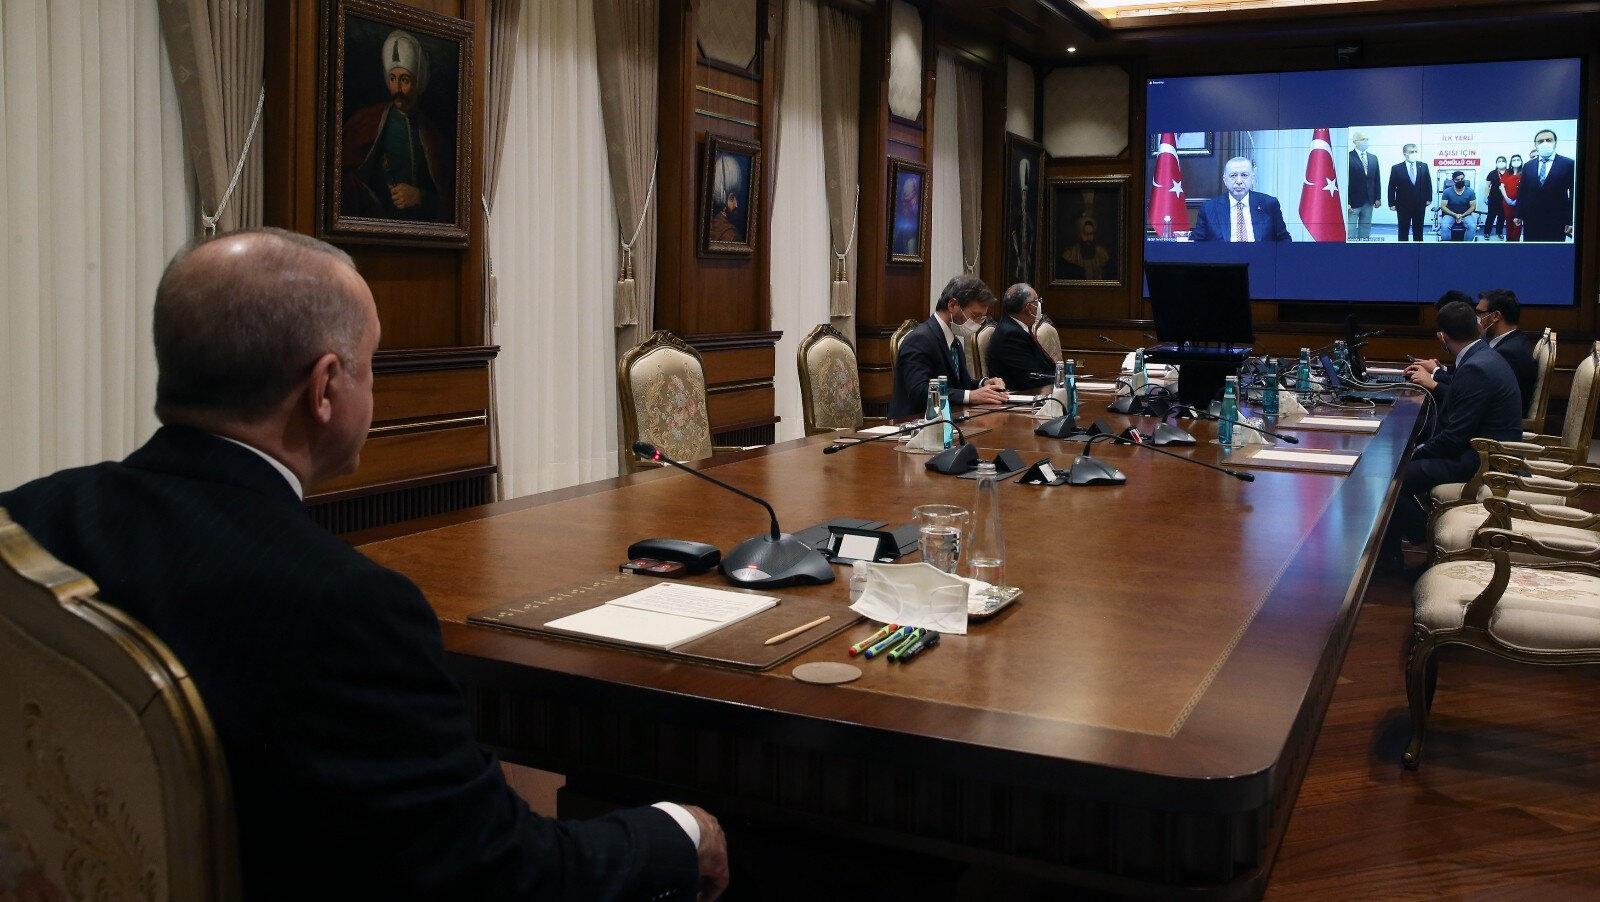 Cumhurbaşkanı Erdoğan, yerli Kovid-19 aşısının üçüncü fazının ilk doz uygulamasına, video konferans ile katıldı.